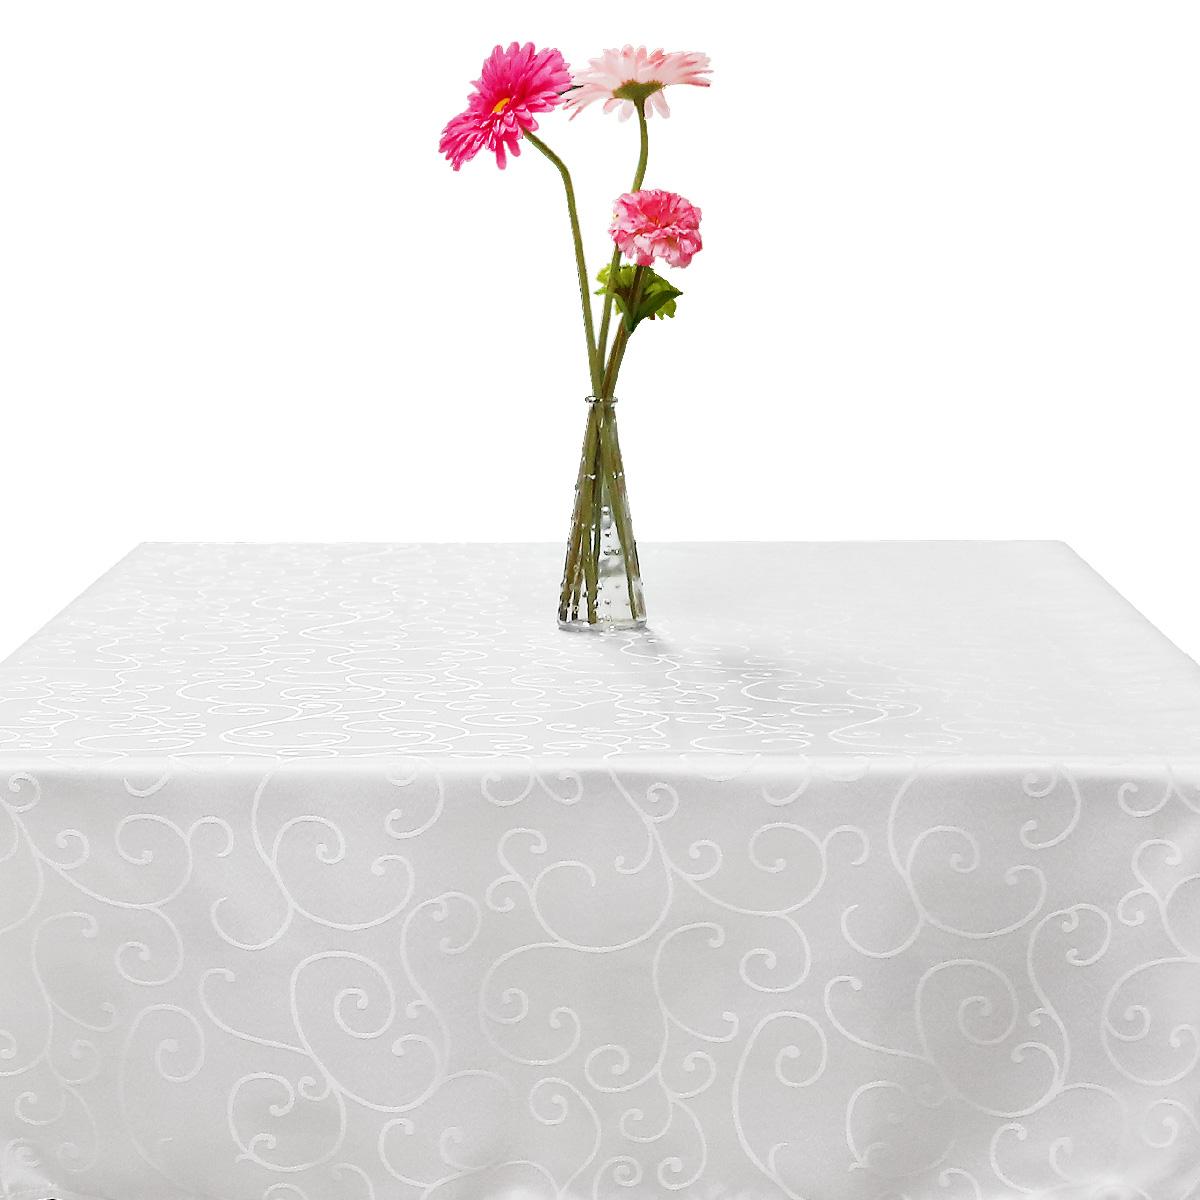 gartentischdecke tischdecke tischtuch pflegeleicht eckig wei 160 160 cm ebay. Black Bedroom Furniture Sets. Home Design Ideas